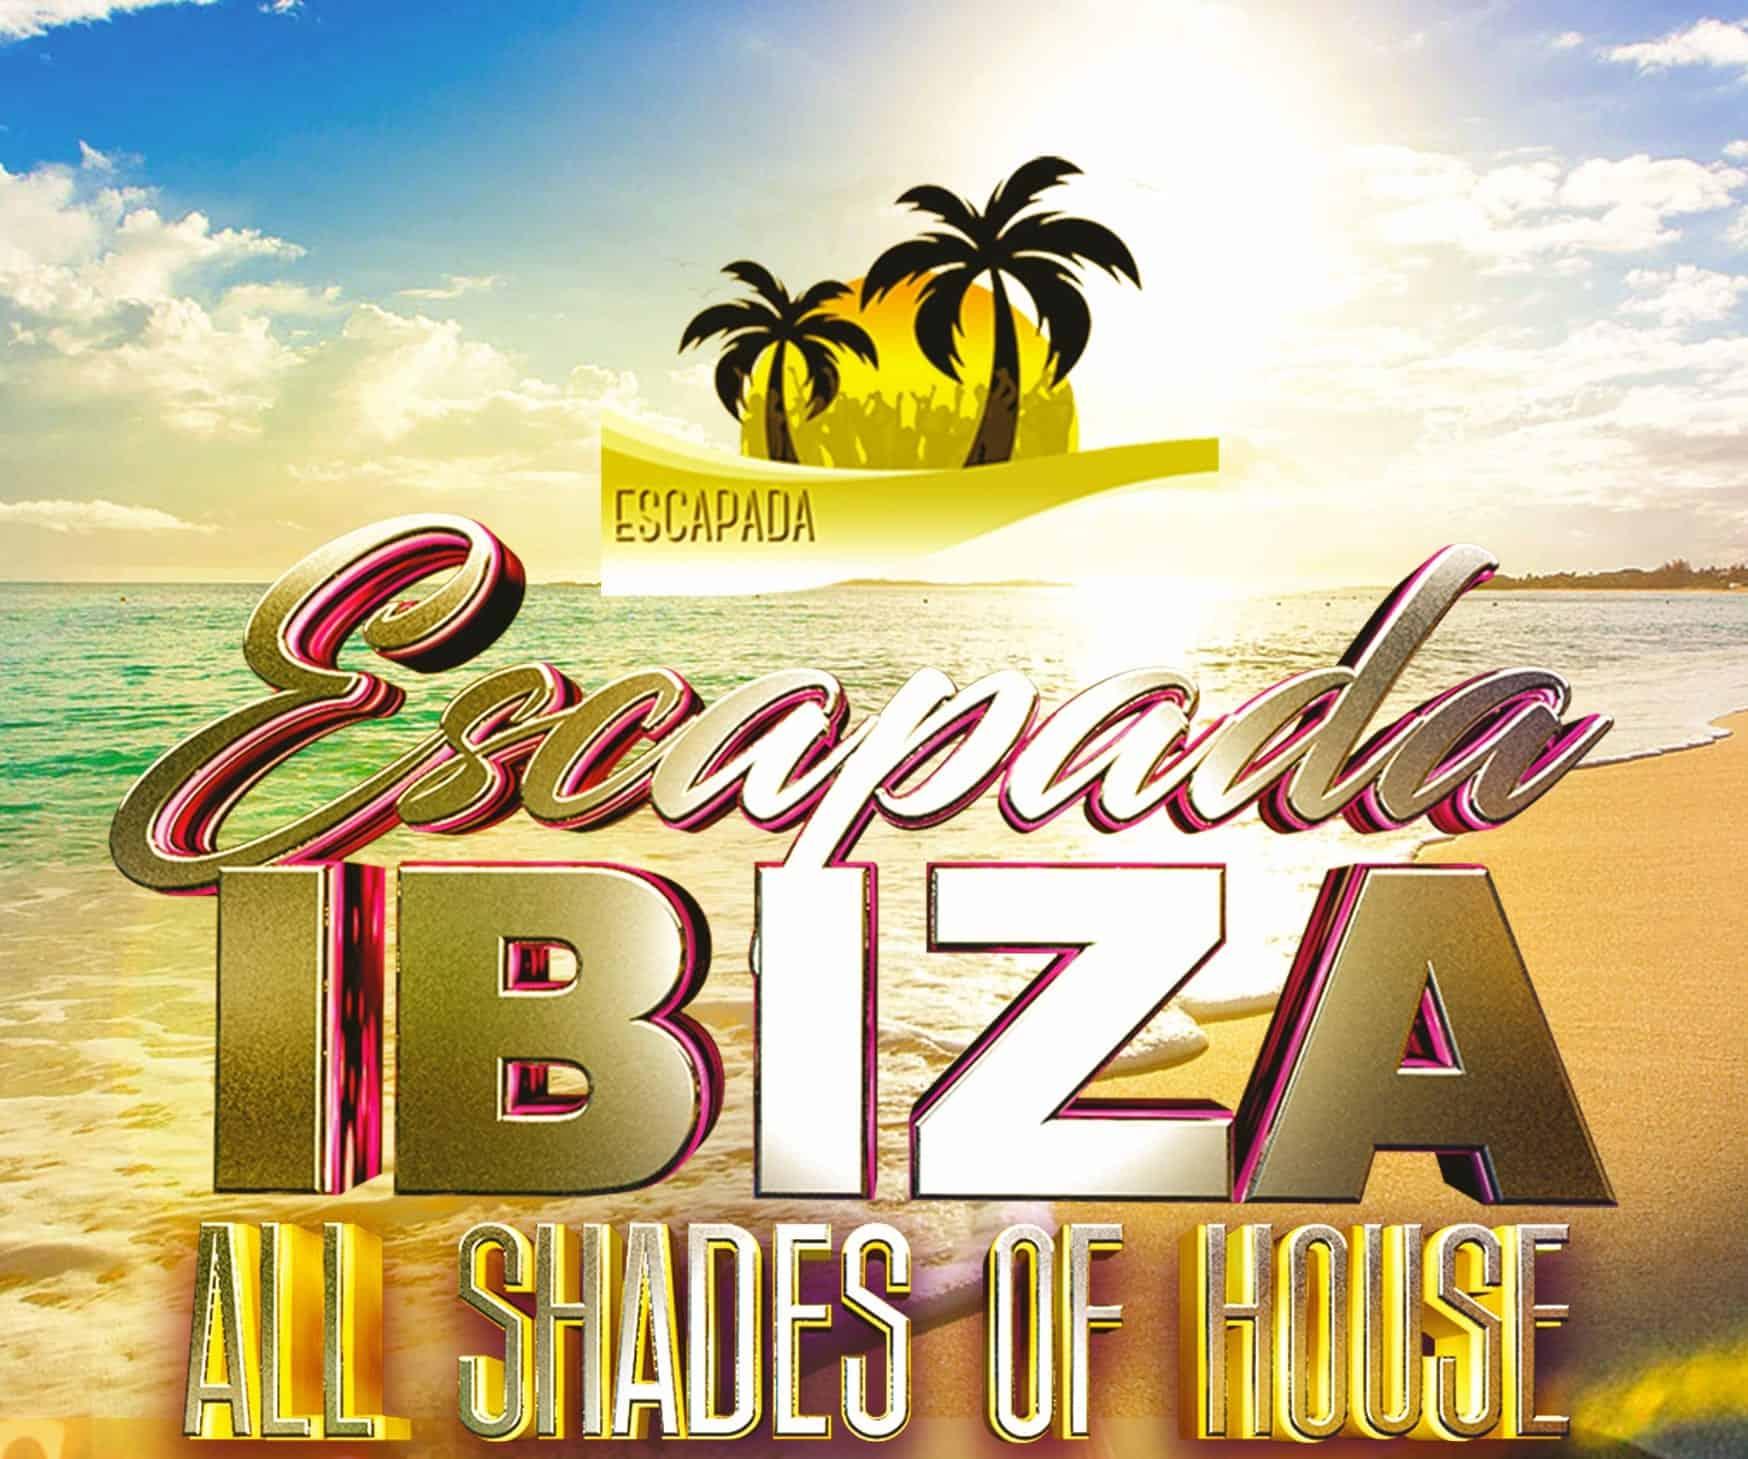 Escapada Ibiza